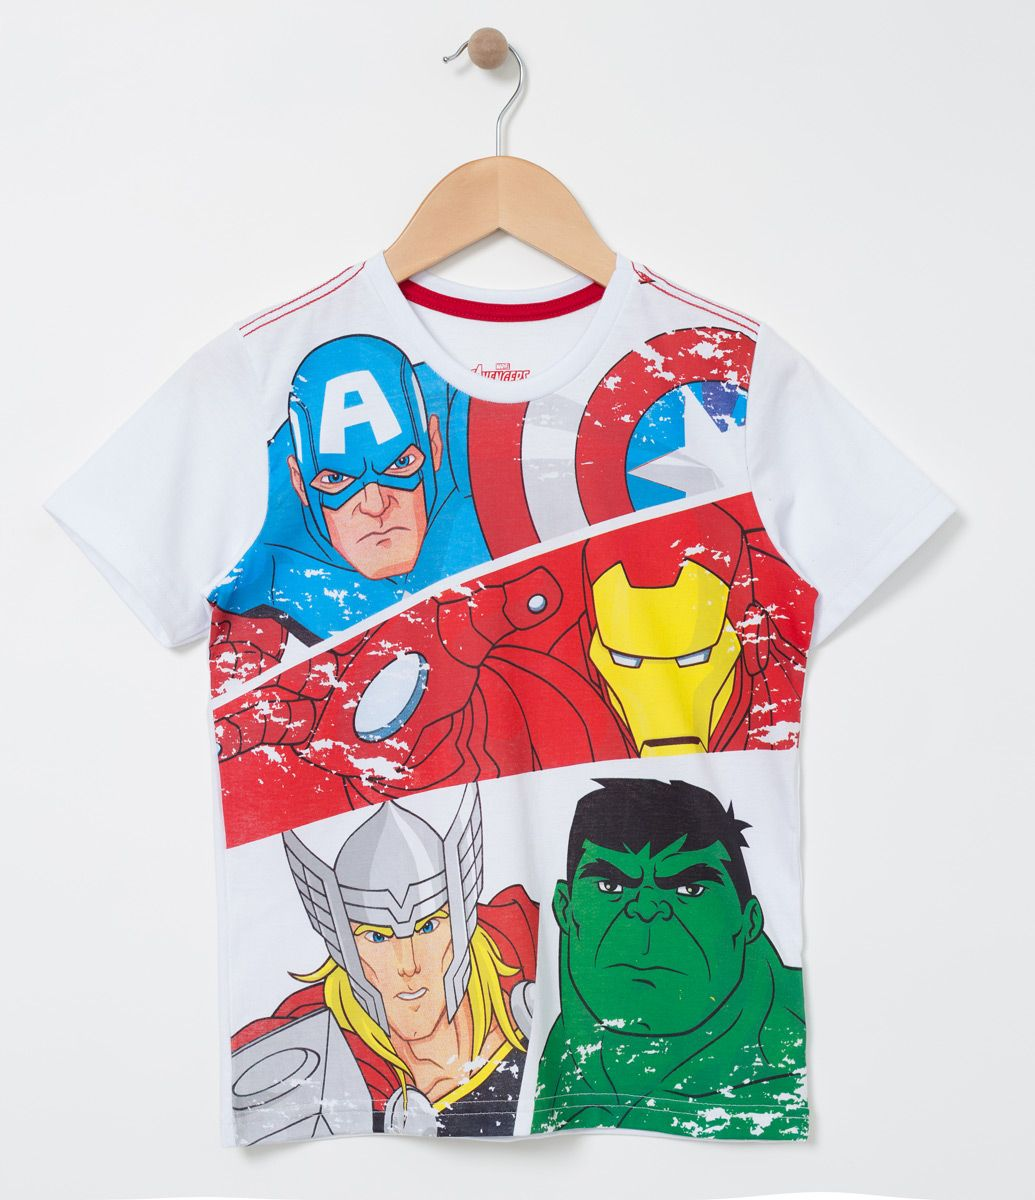 0c067ae565f6f Camiseta infantil Manga curta Gola redonda Com estampa Marca  Avengers  Tecido  Meia malha COLEÇÃO VERÃO 2017 Veja outras opções de produtos  Avengers.